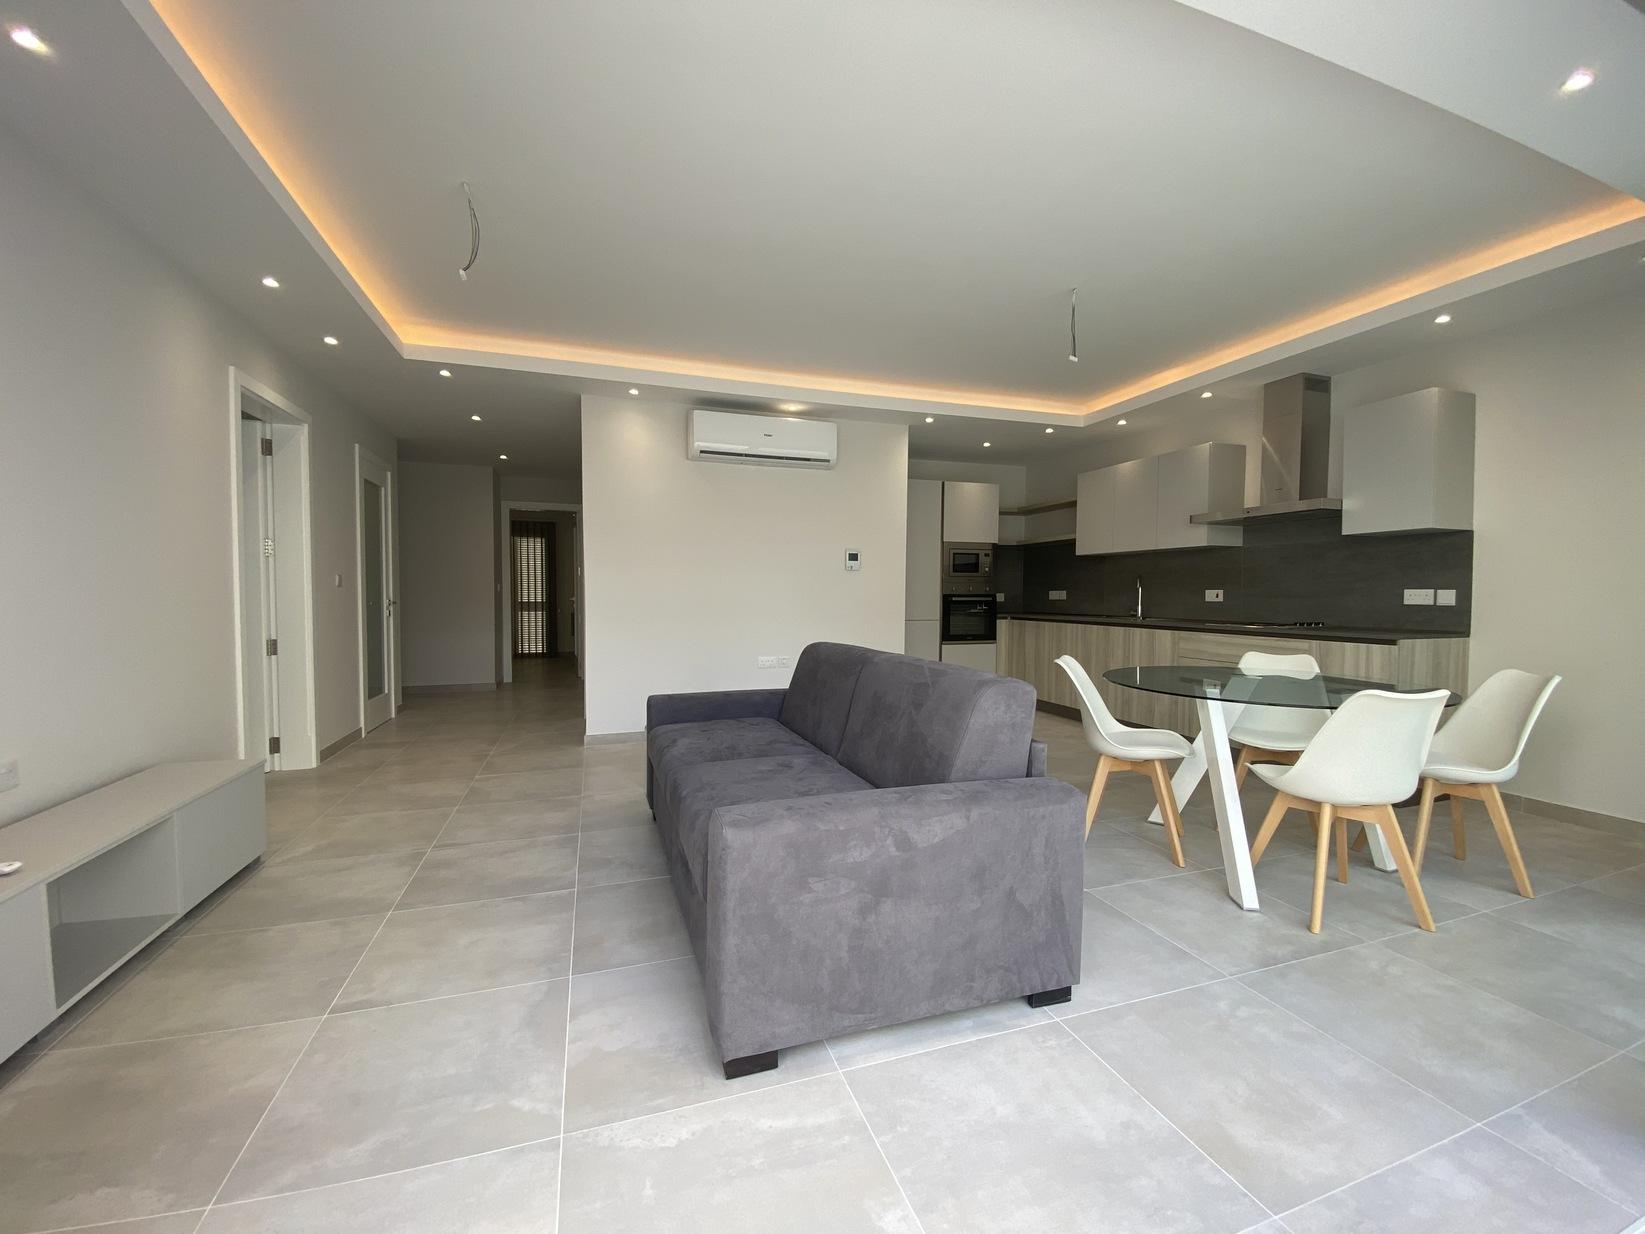 3 bed Maisonette For Rent in Lija, Lija - thumb 4